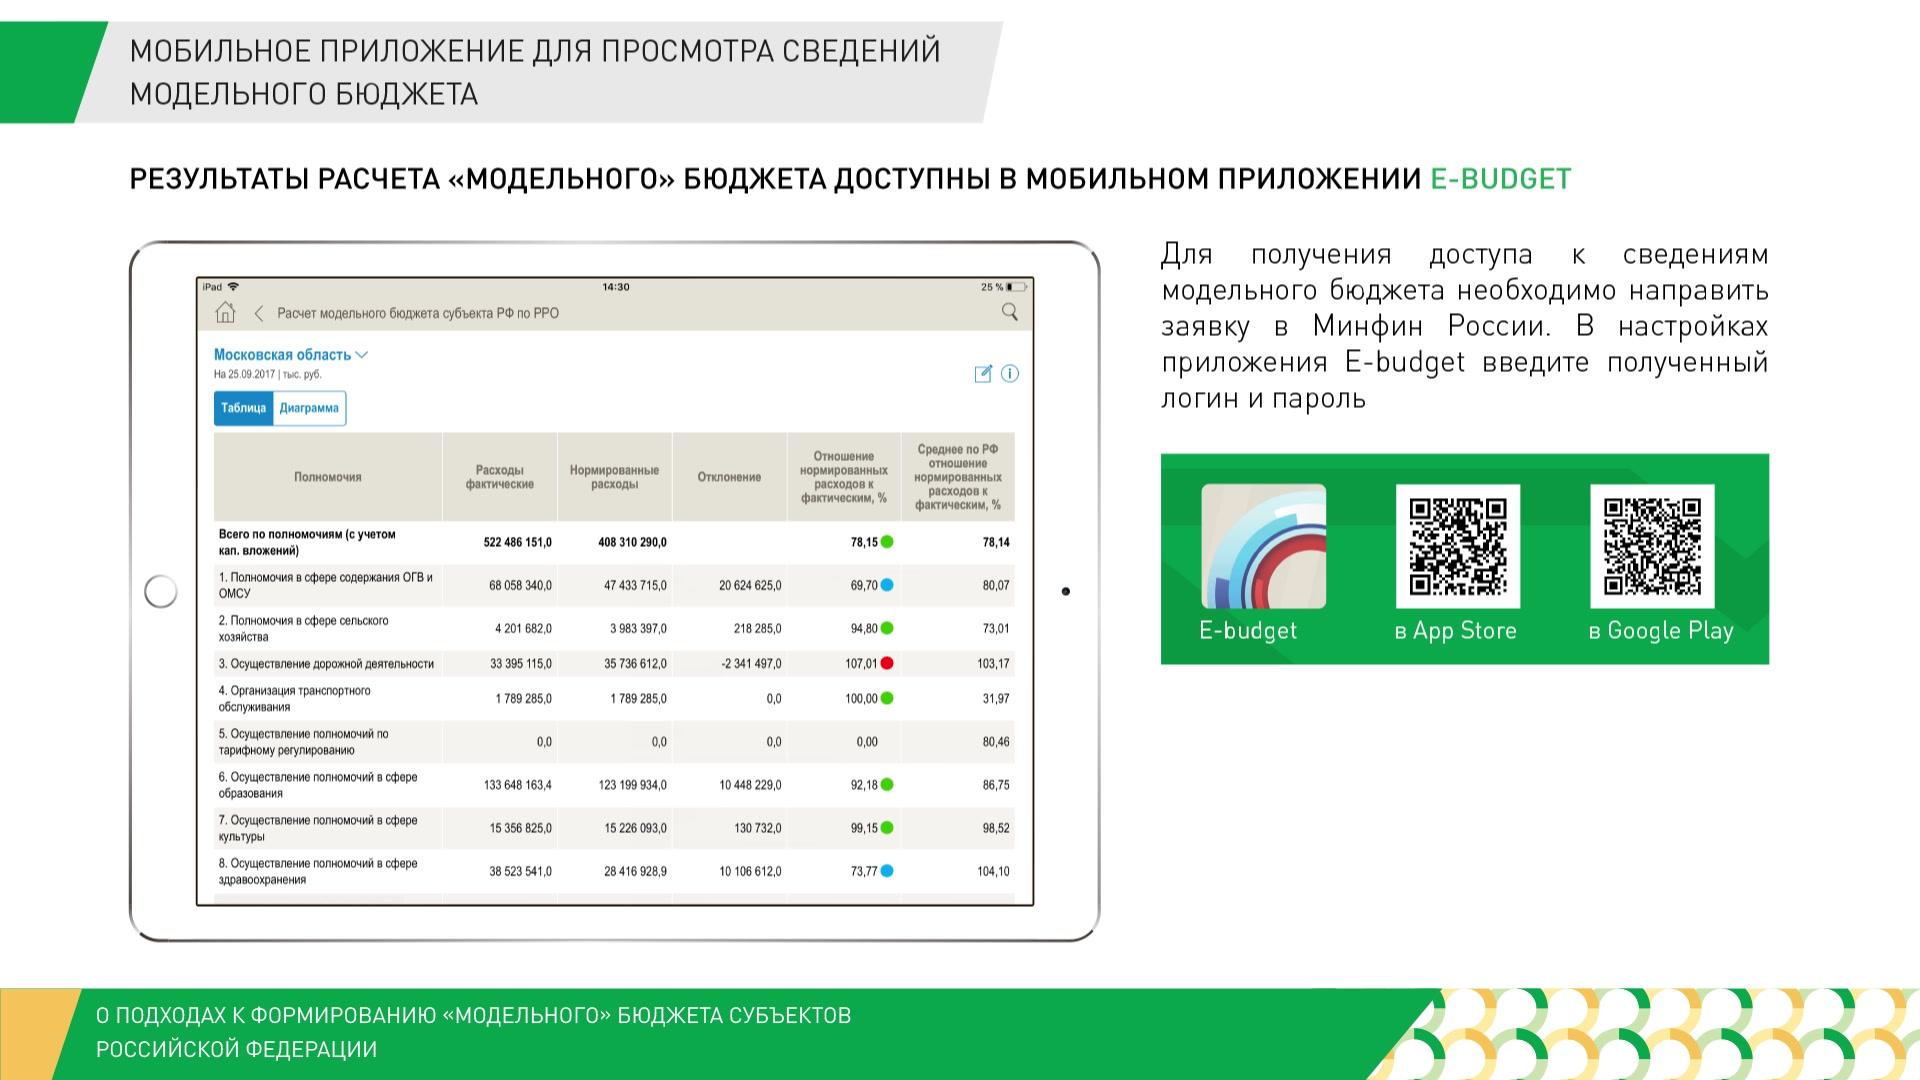 О походах к формированию модельного бюджета субъектов РФ